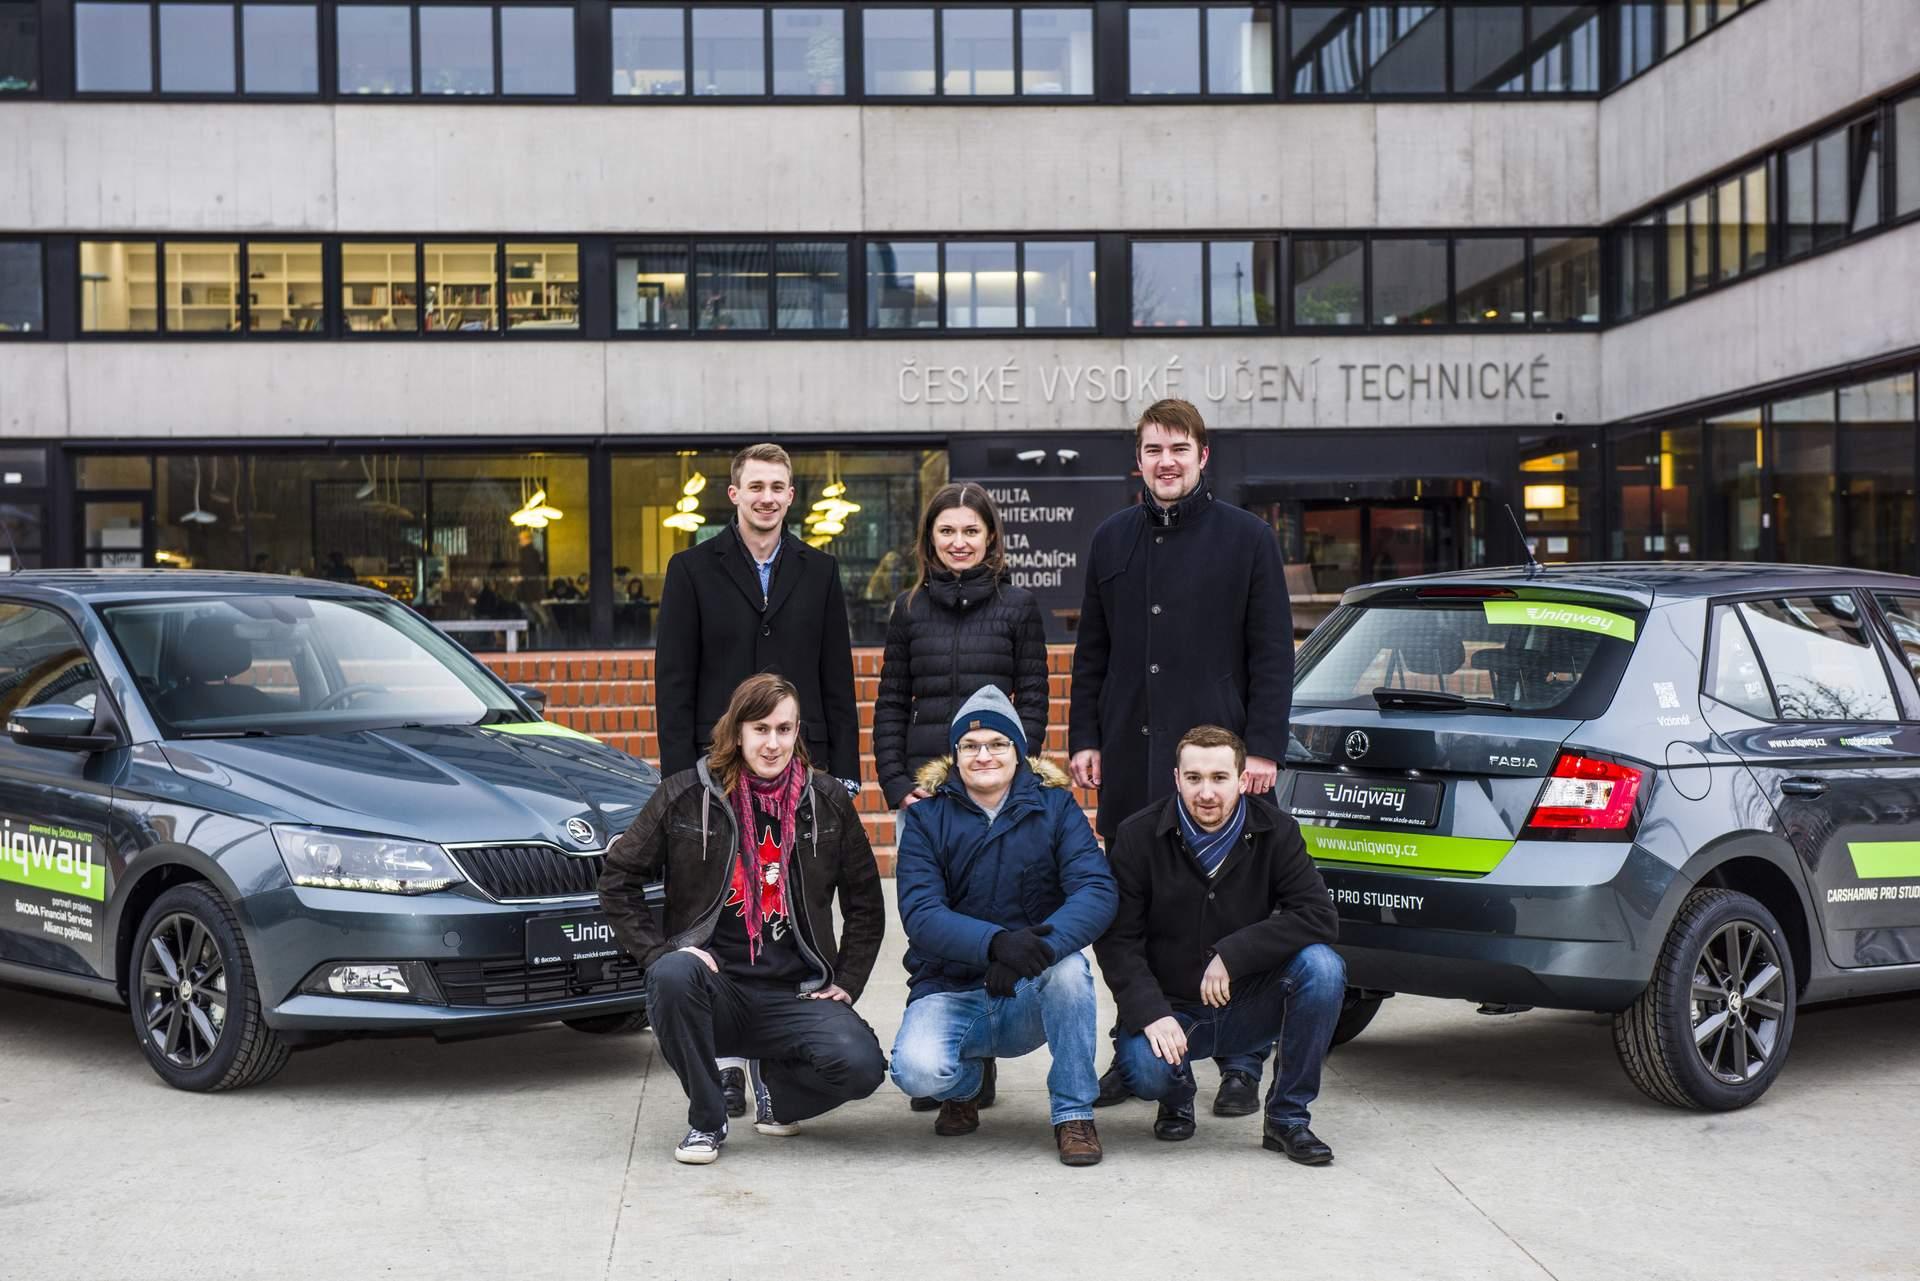 Část studentského týmu, který carsharing Uniqway vytvářel